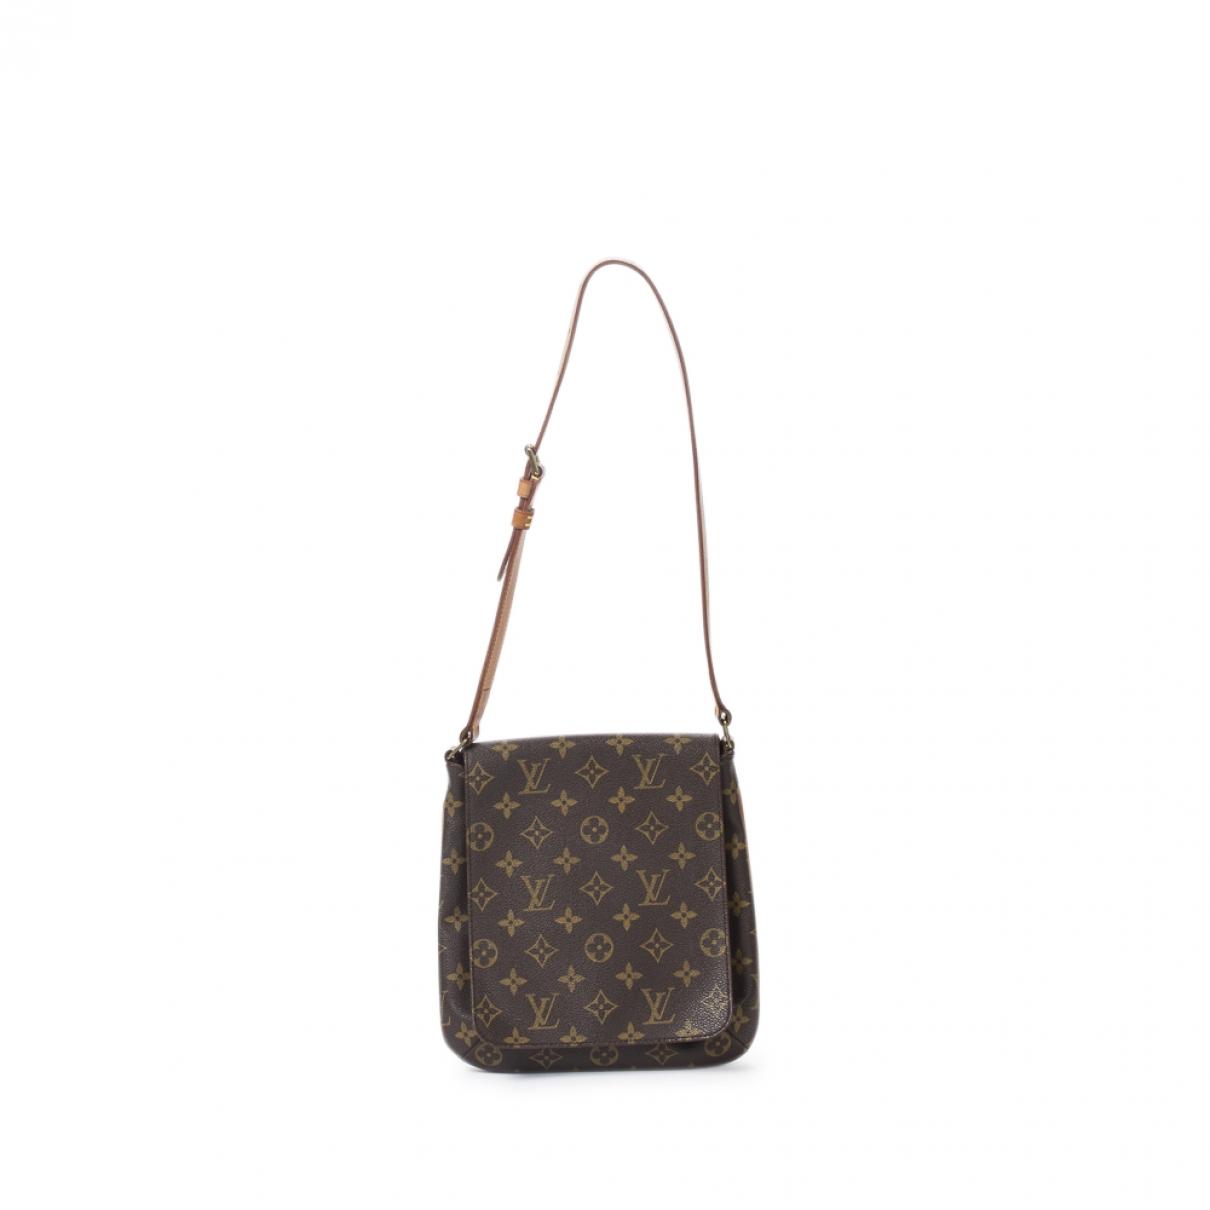 Louis Vuitton Musette Handtasche in  Braun Baumwolle